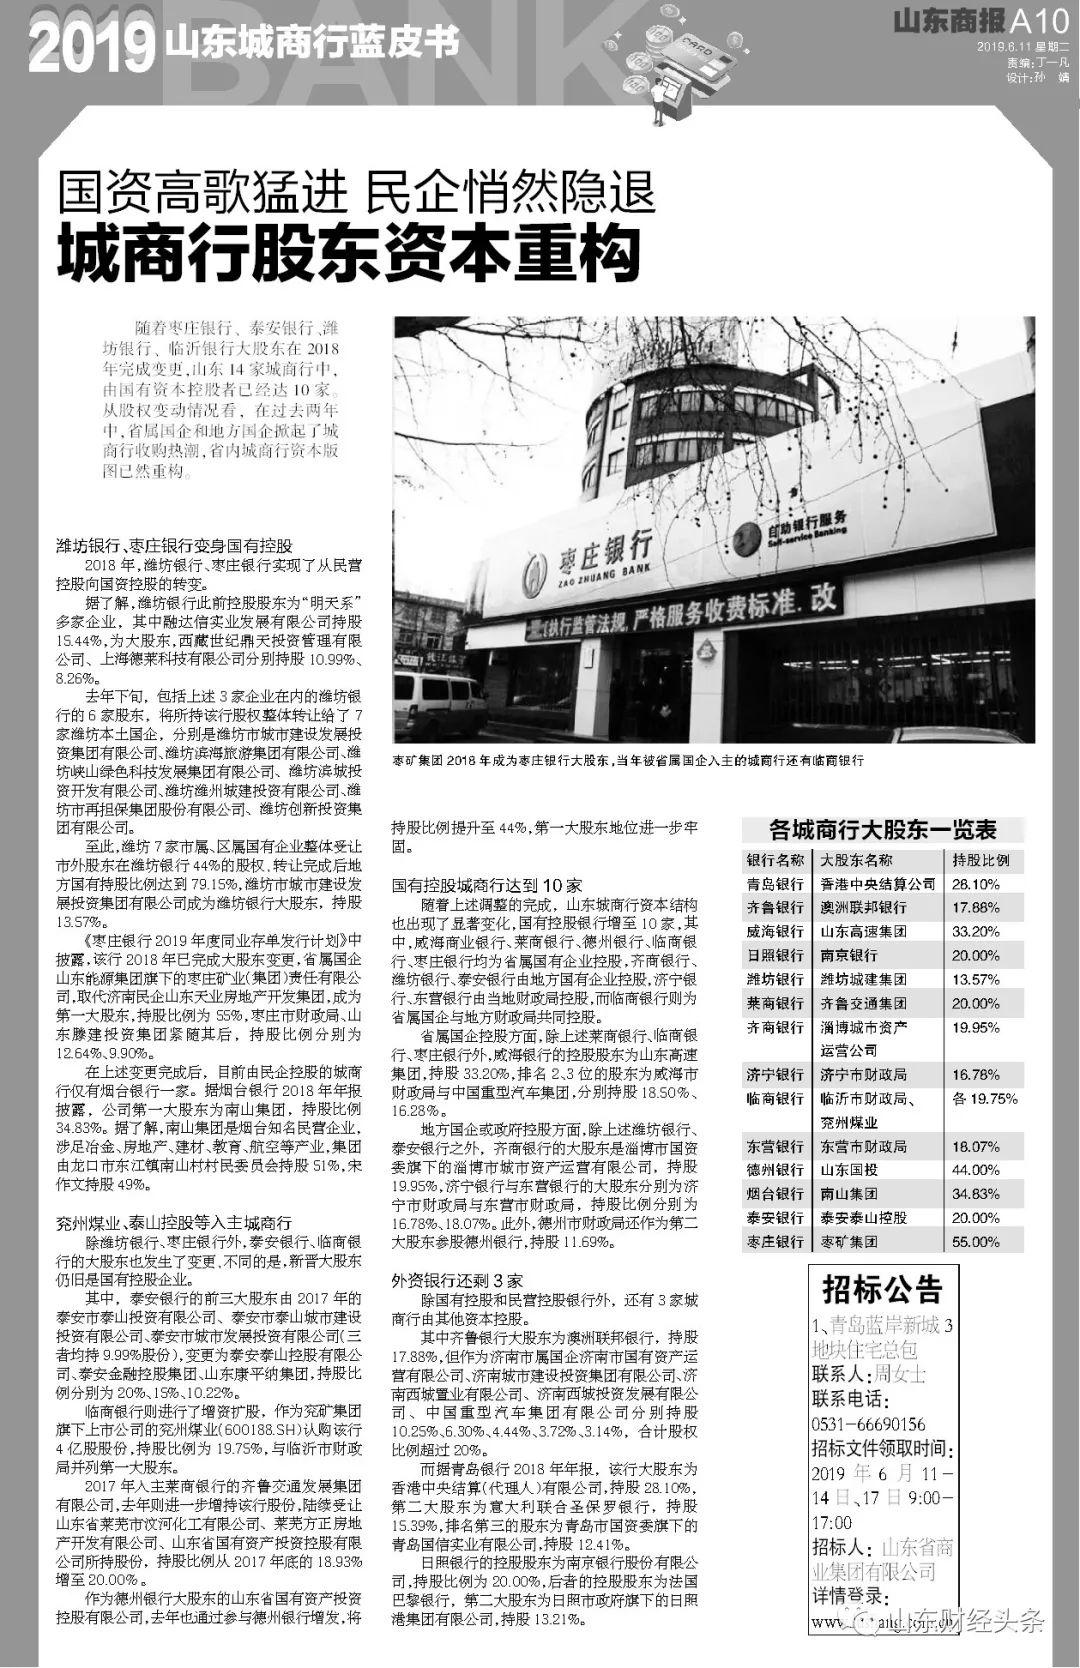 山东这14家城商行去年赚百亿!青岛银行营收领跑